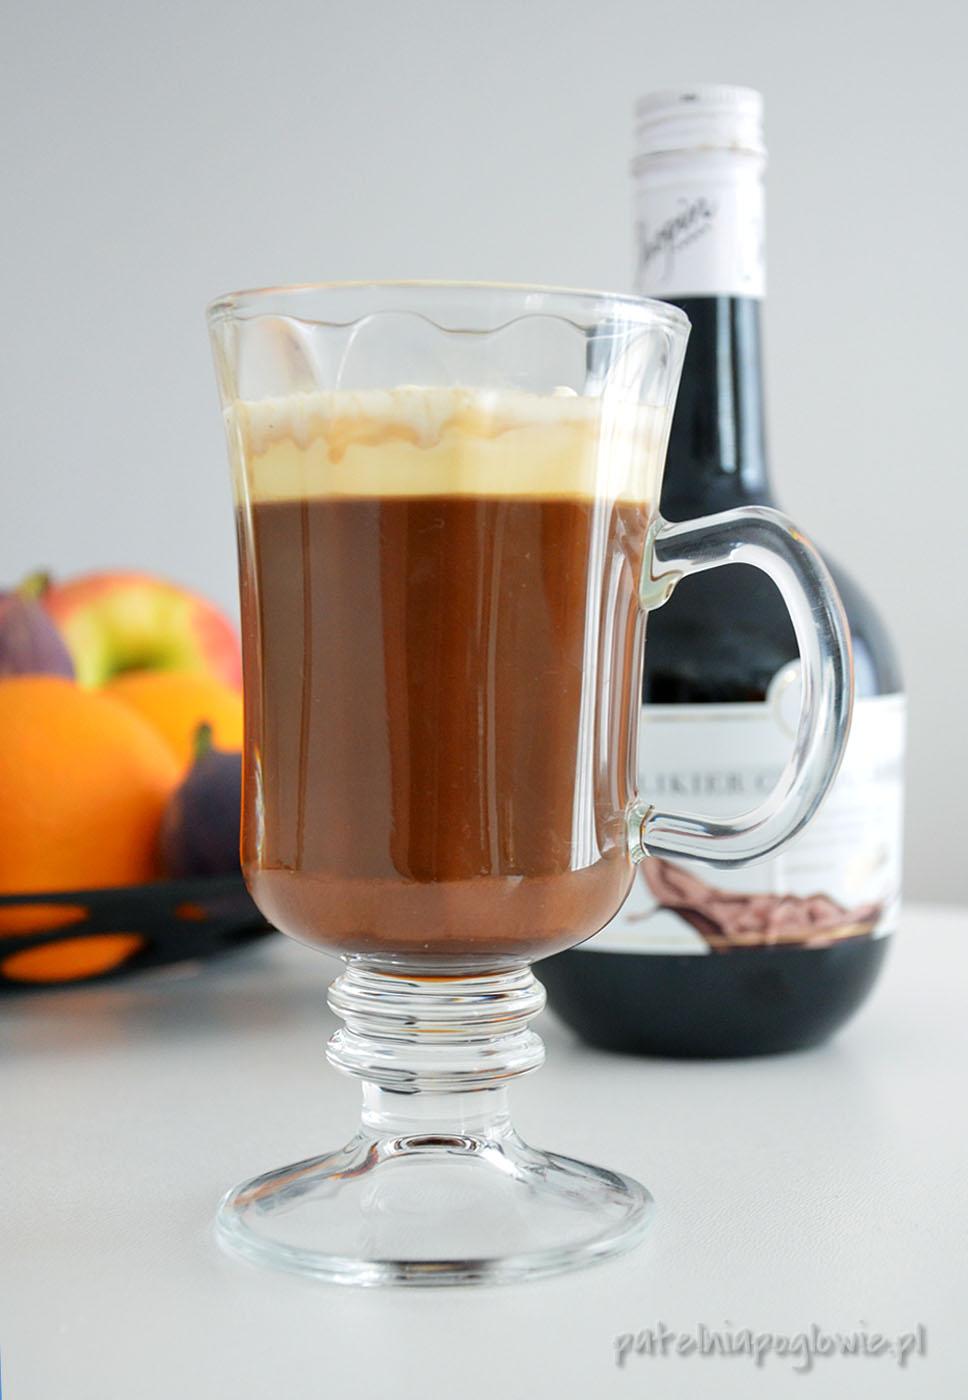 kawa, syrop klonowy, likier czekoladowy, śmietanka